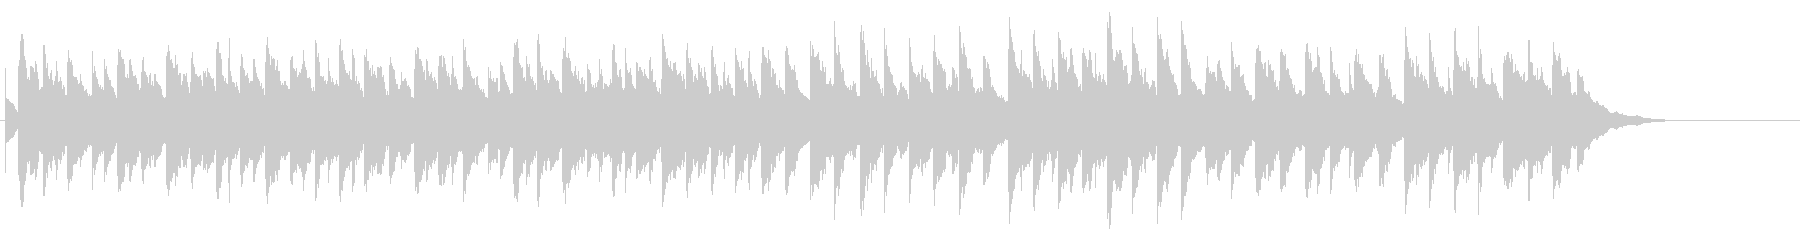 クリスマス曲「ジングルベル」オルゴールの未再生の波形